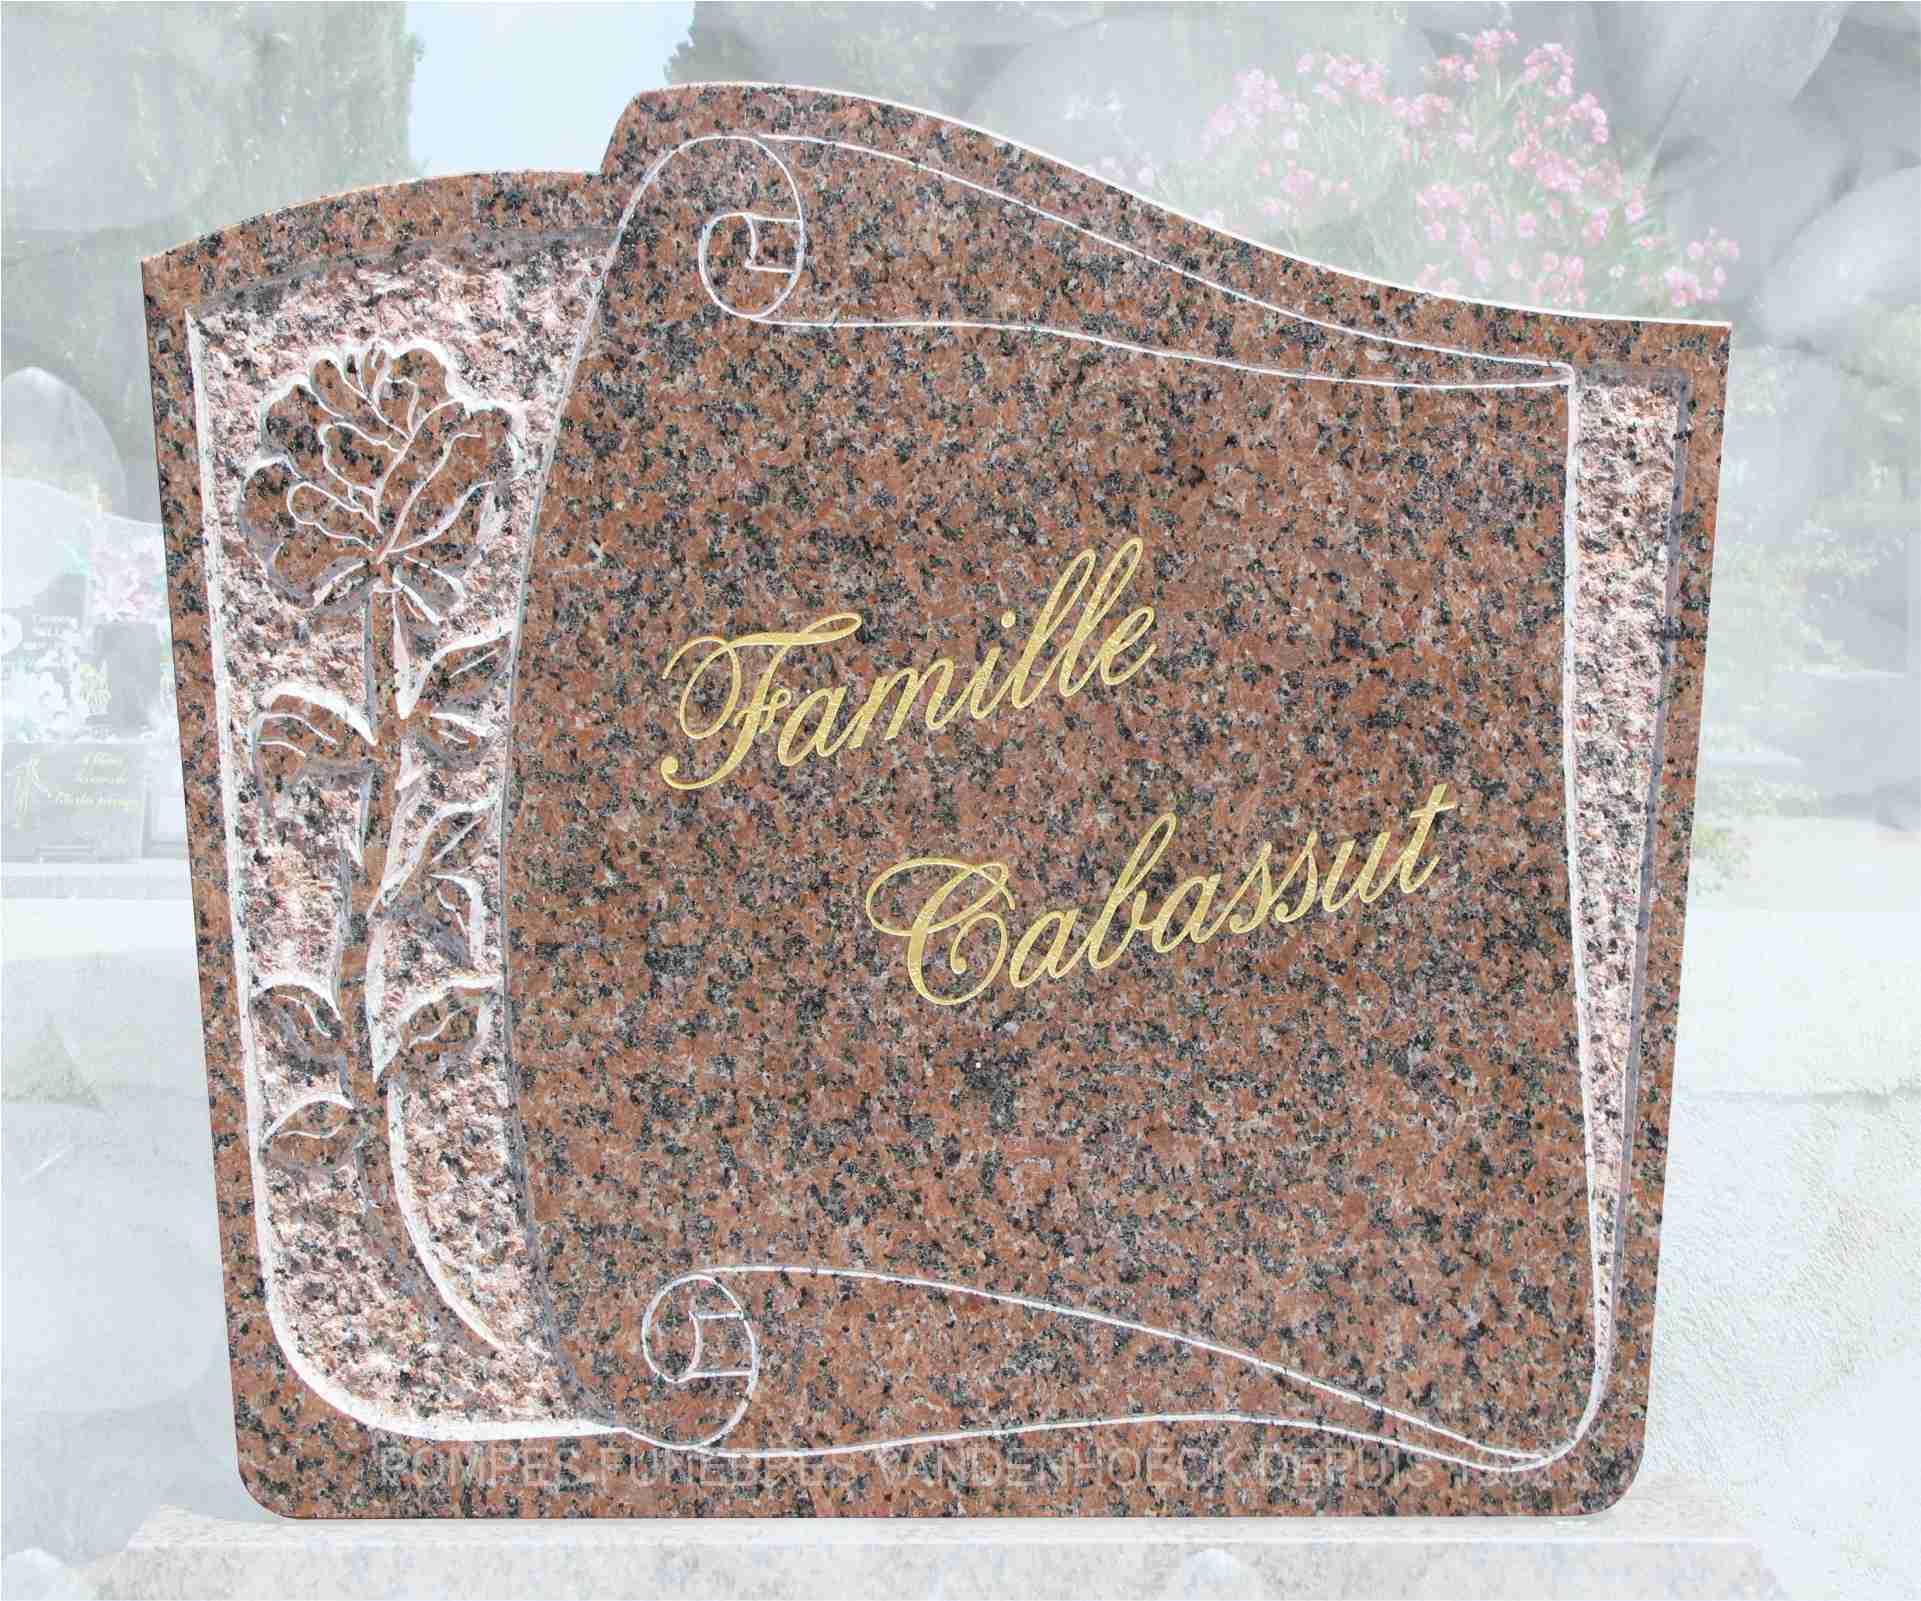 stèle granit rose clarté parchemin gravé main mudaison